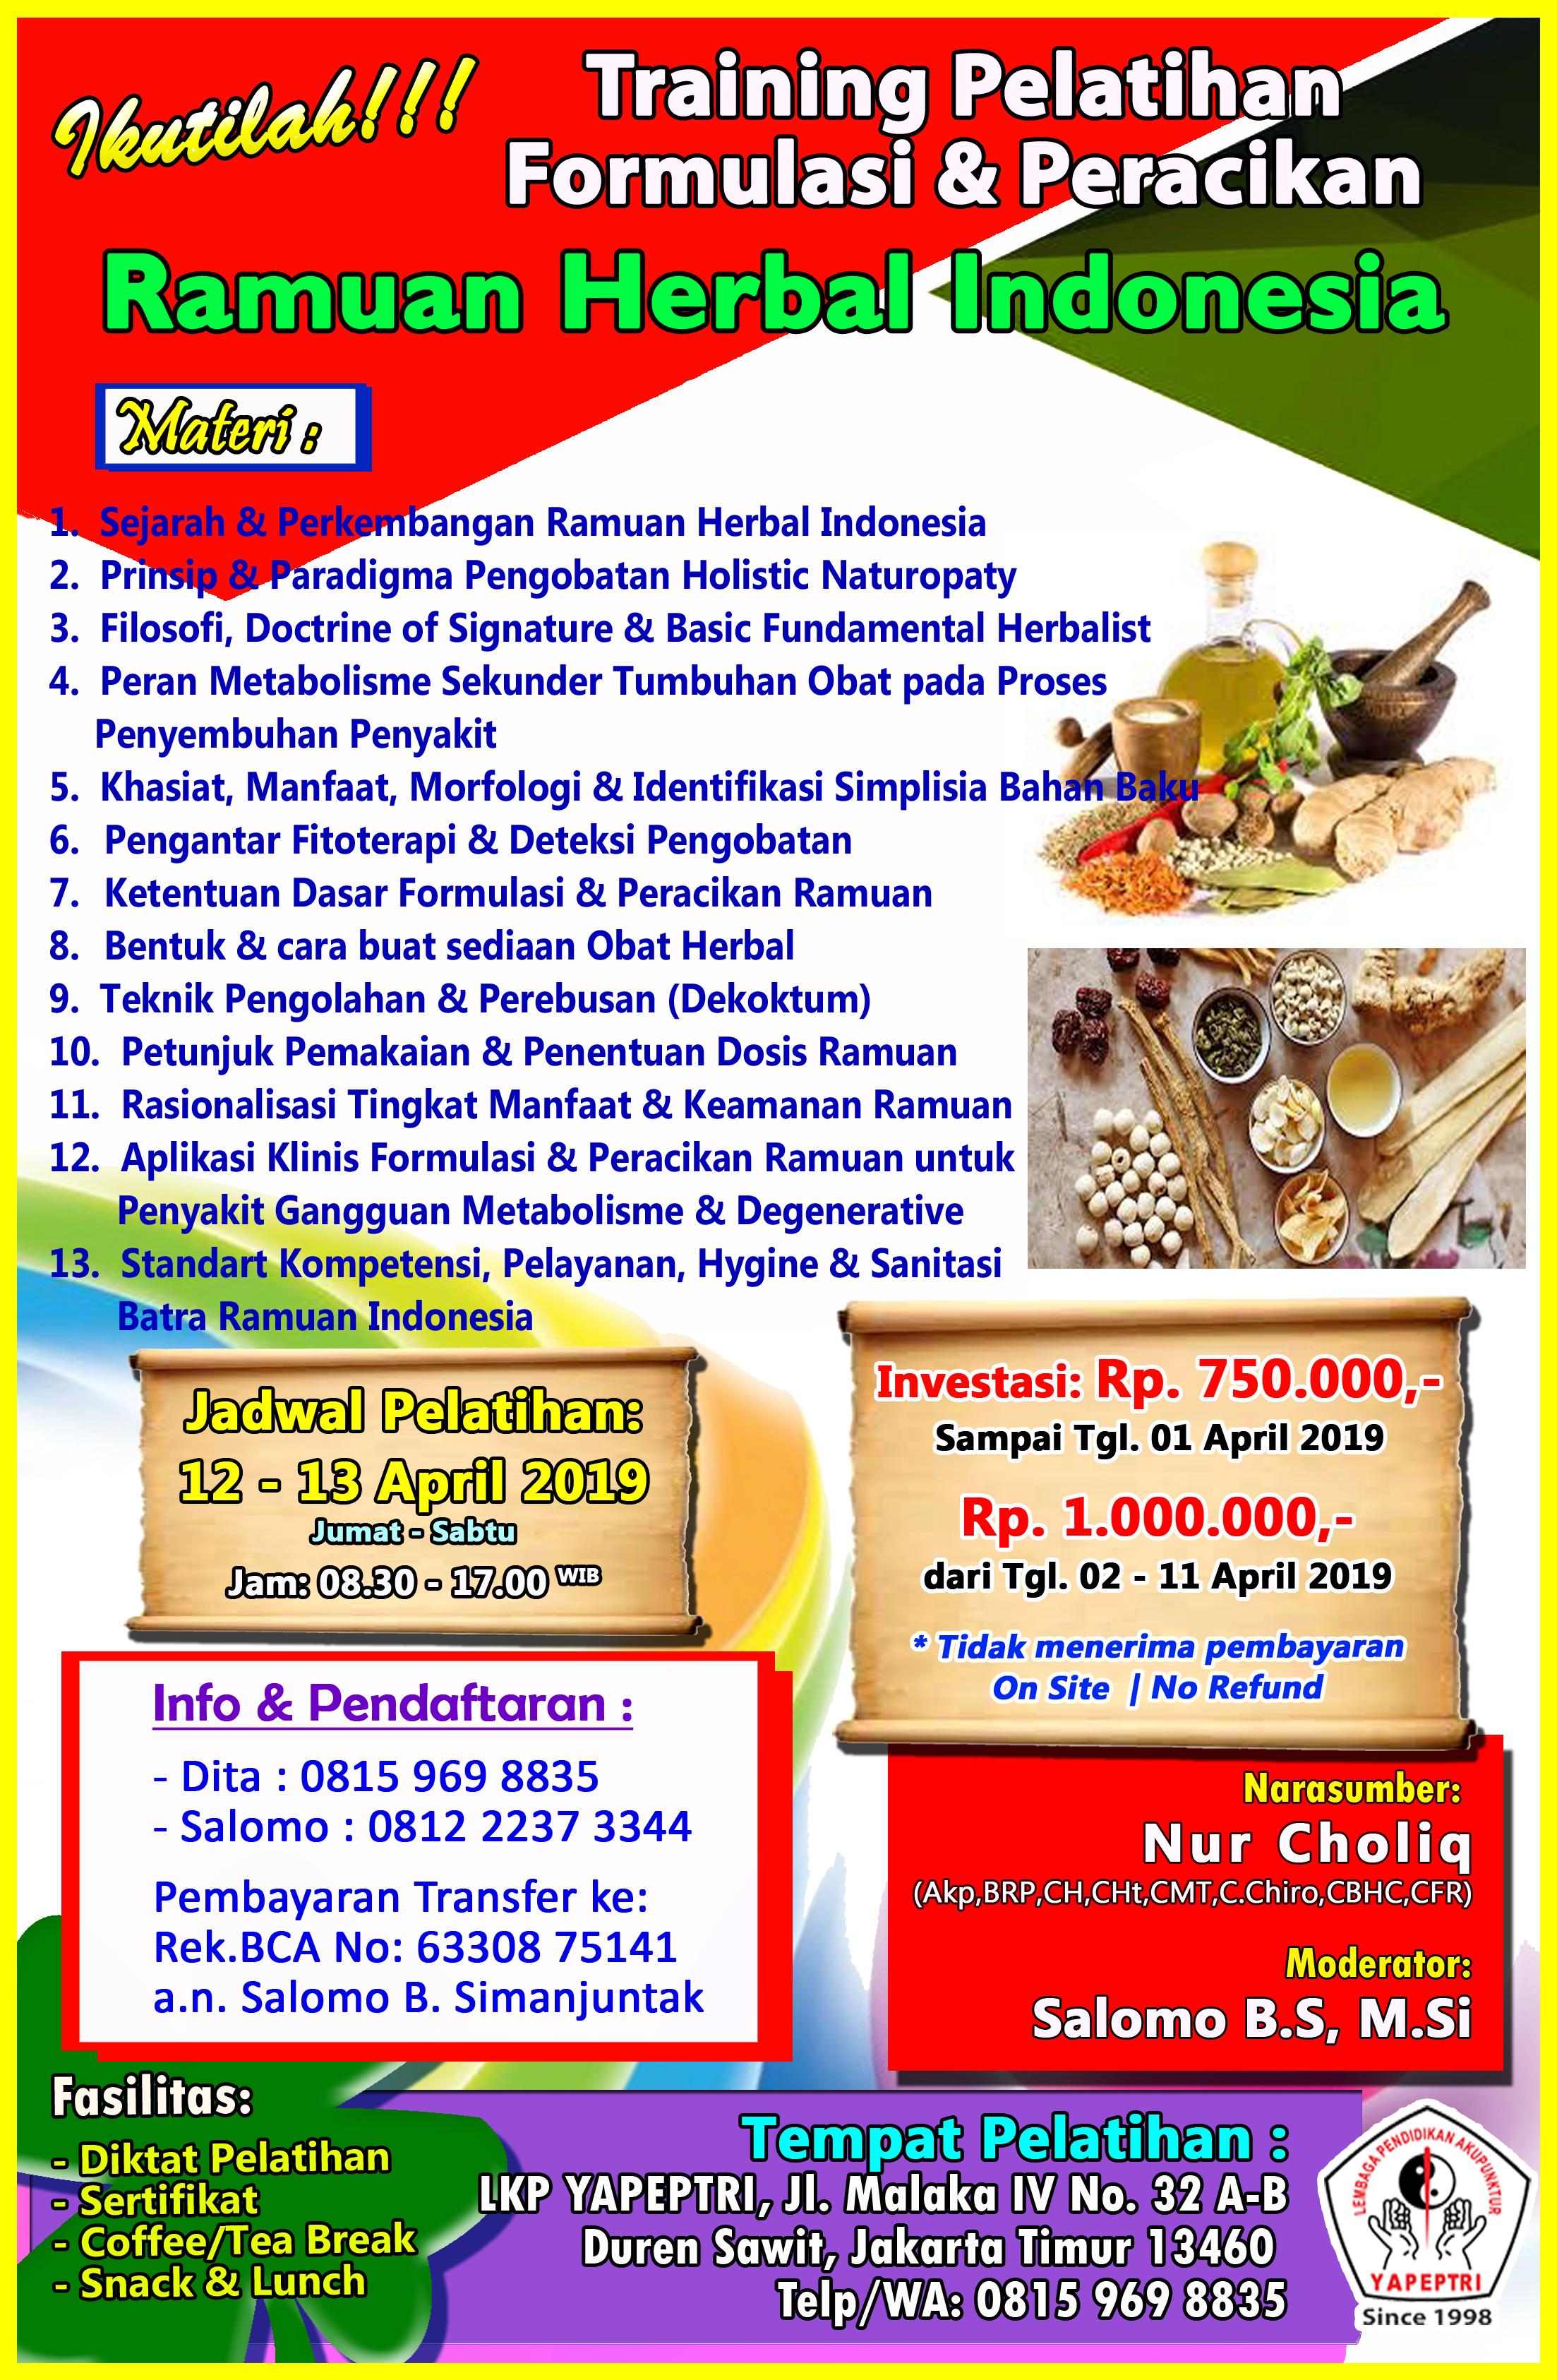 Nama-nama Peserta Pelatihan formulasi & peracikan Ramuan Herbal Indonesia